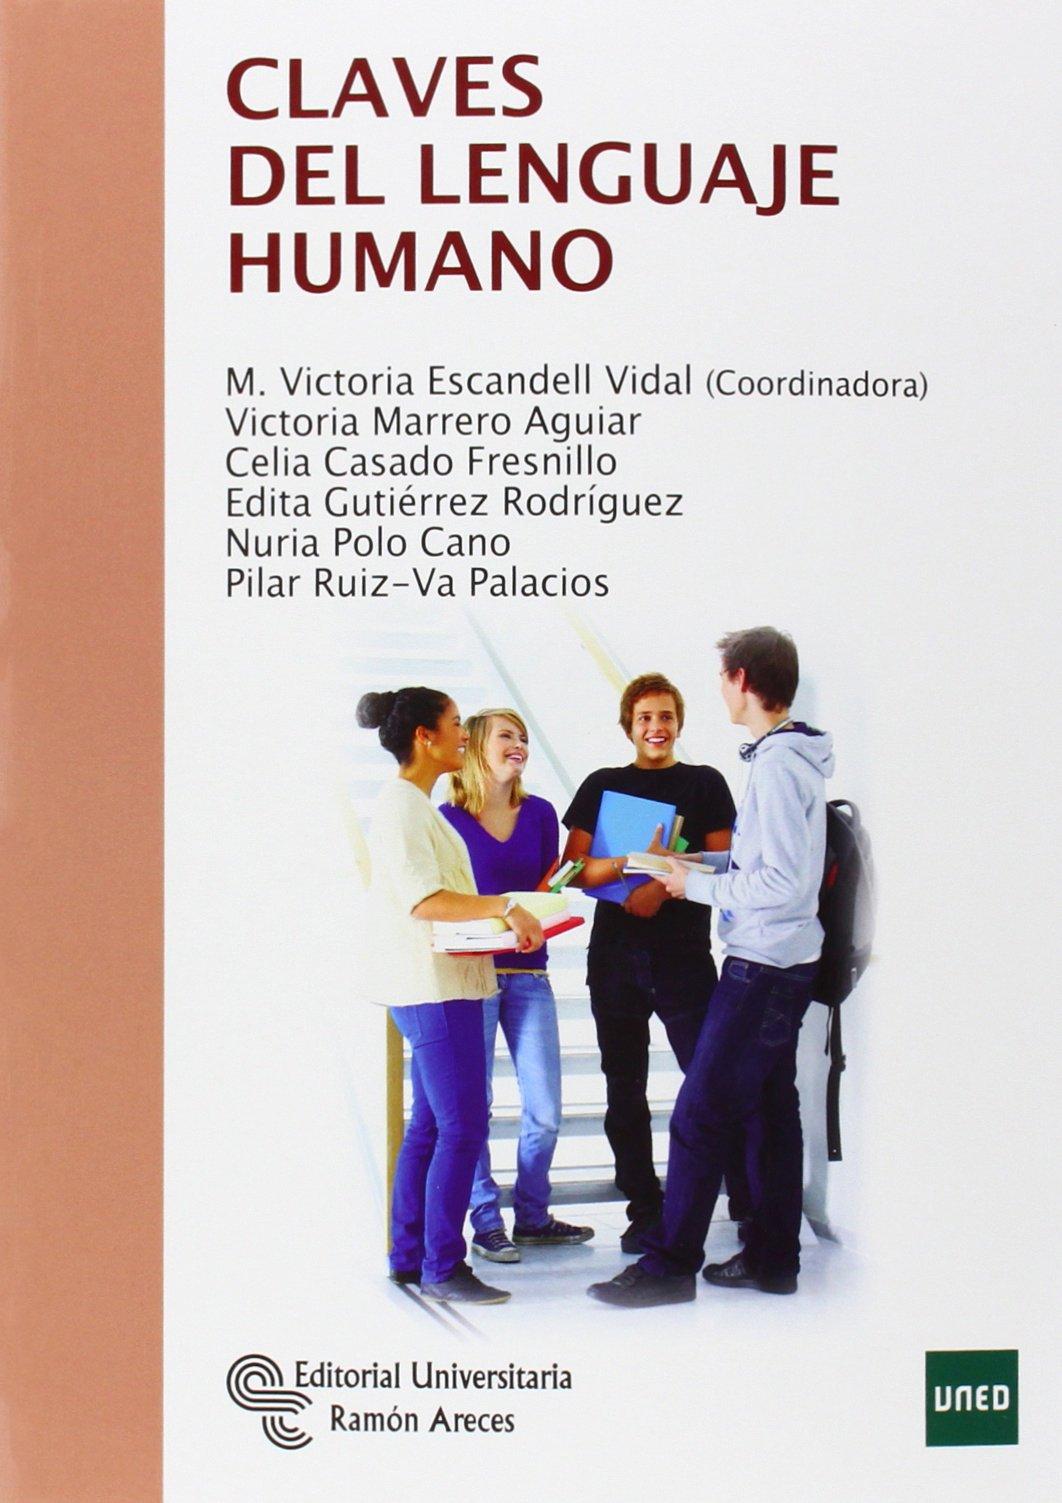 Claves del Lenguaje Humano (Manuales): Amazon.es: Mª Victoria Escandell  Vidal, Victoria Marrero Aguiar, Celia Casado Fresnillo, Edita Gutiérrez  Rodríguez, ...